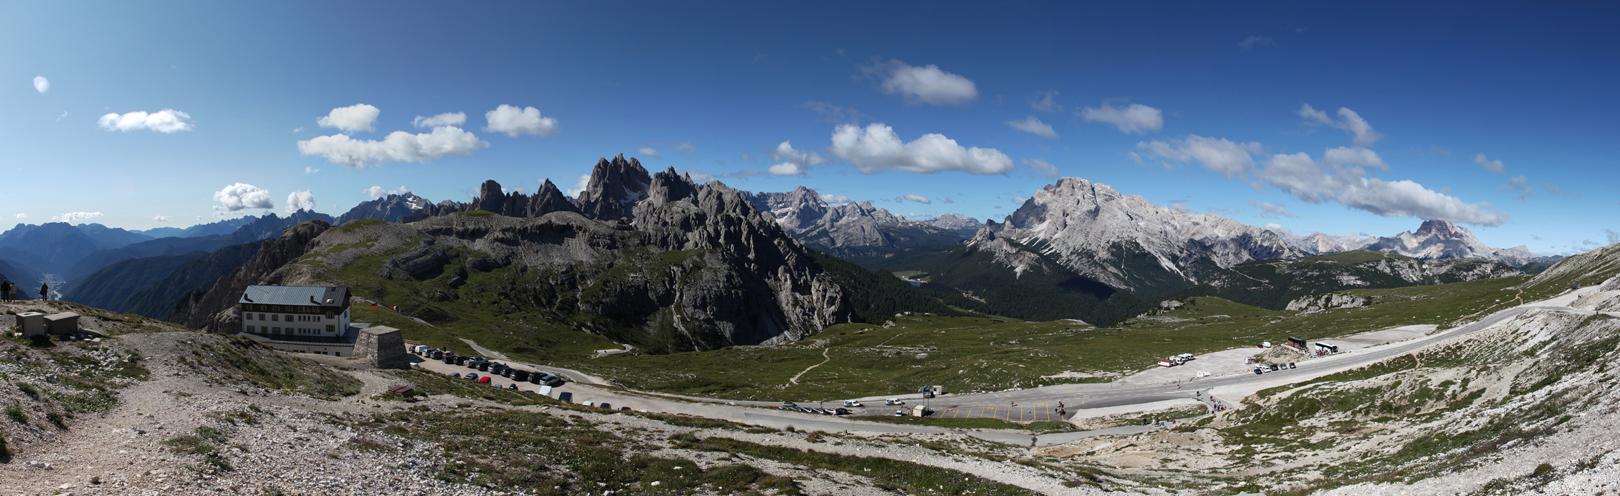 23 Massif des Dolomites